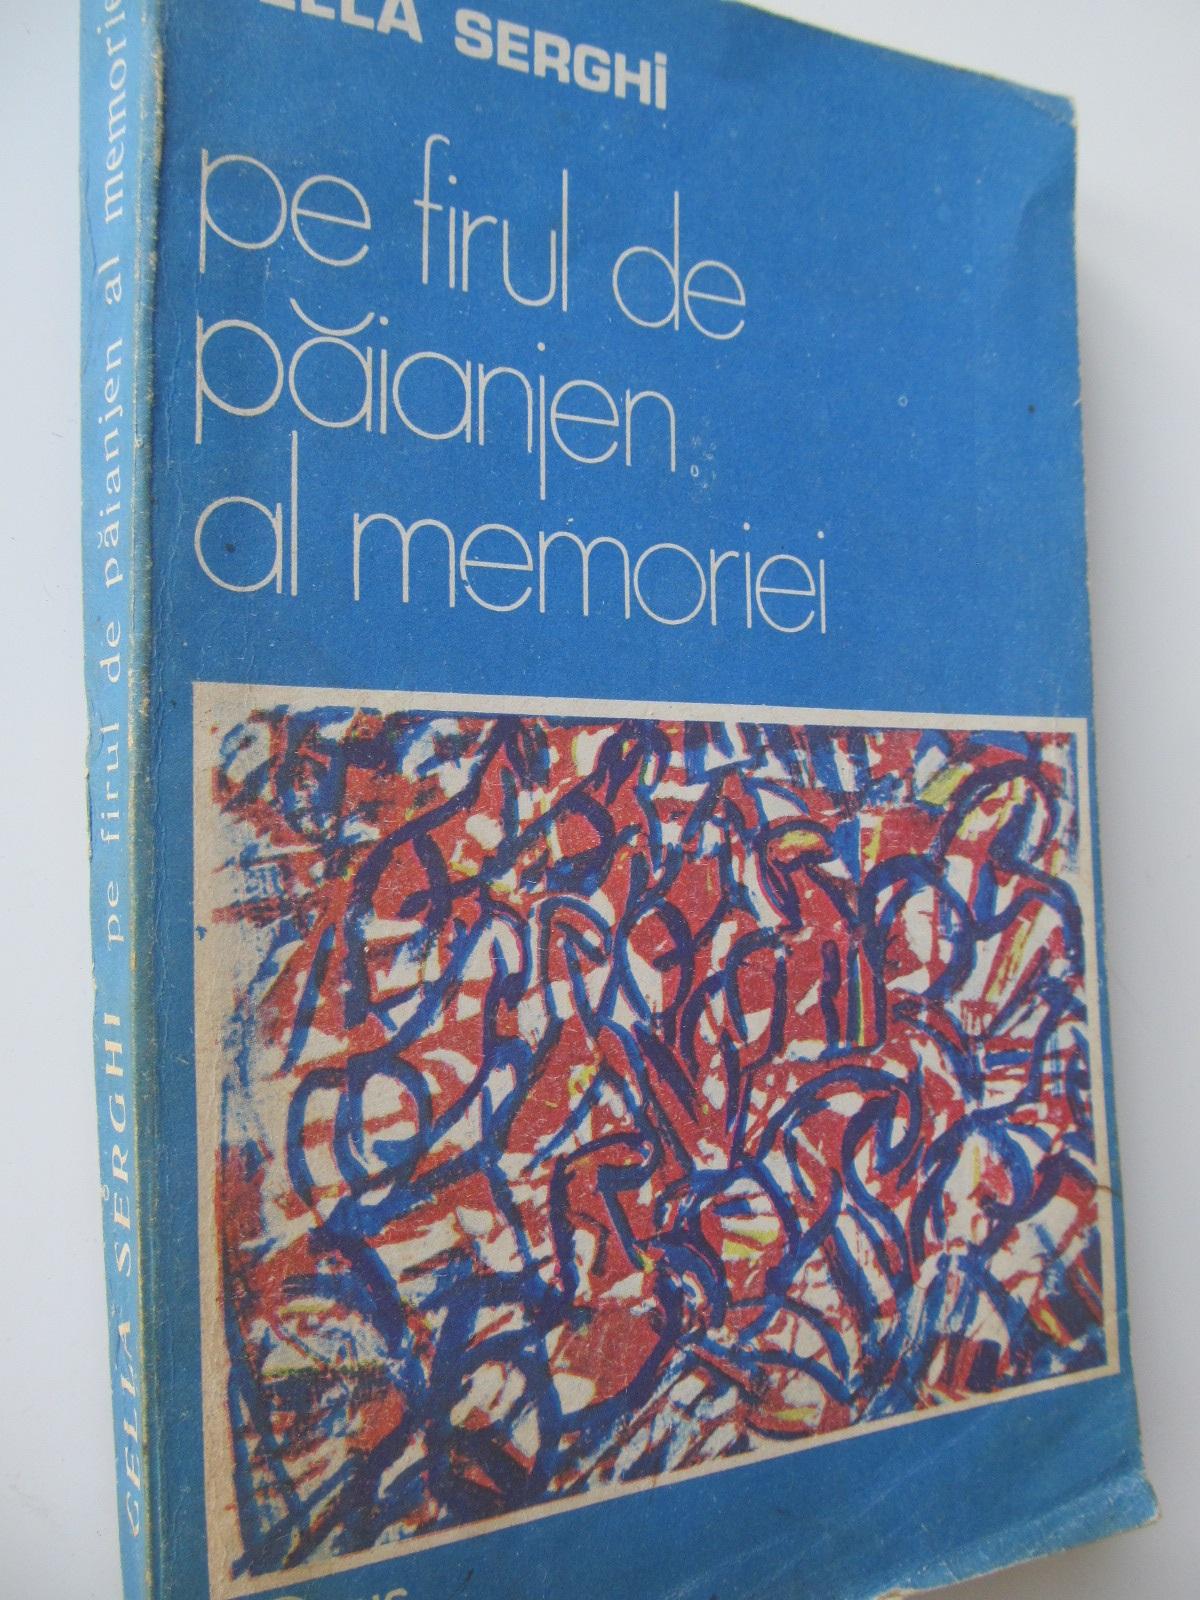 Carte Pe firul de paianjen al memoriei - Cella Serghi